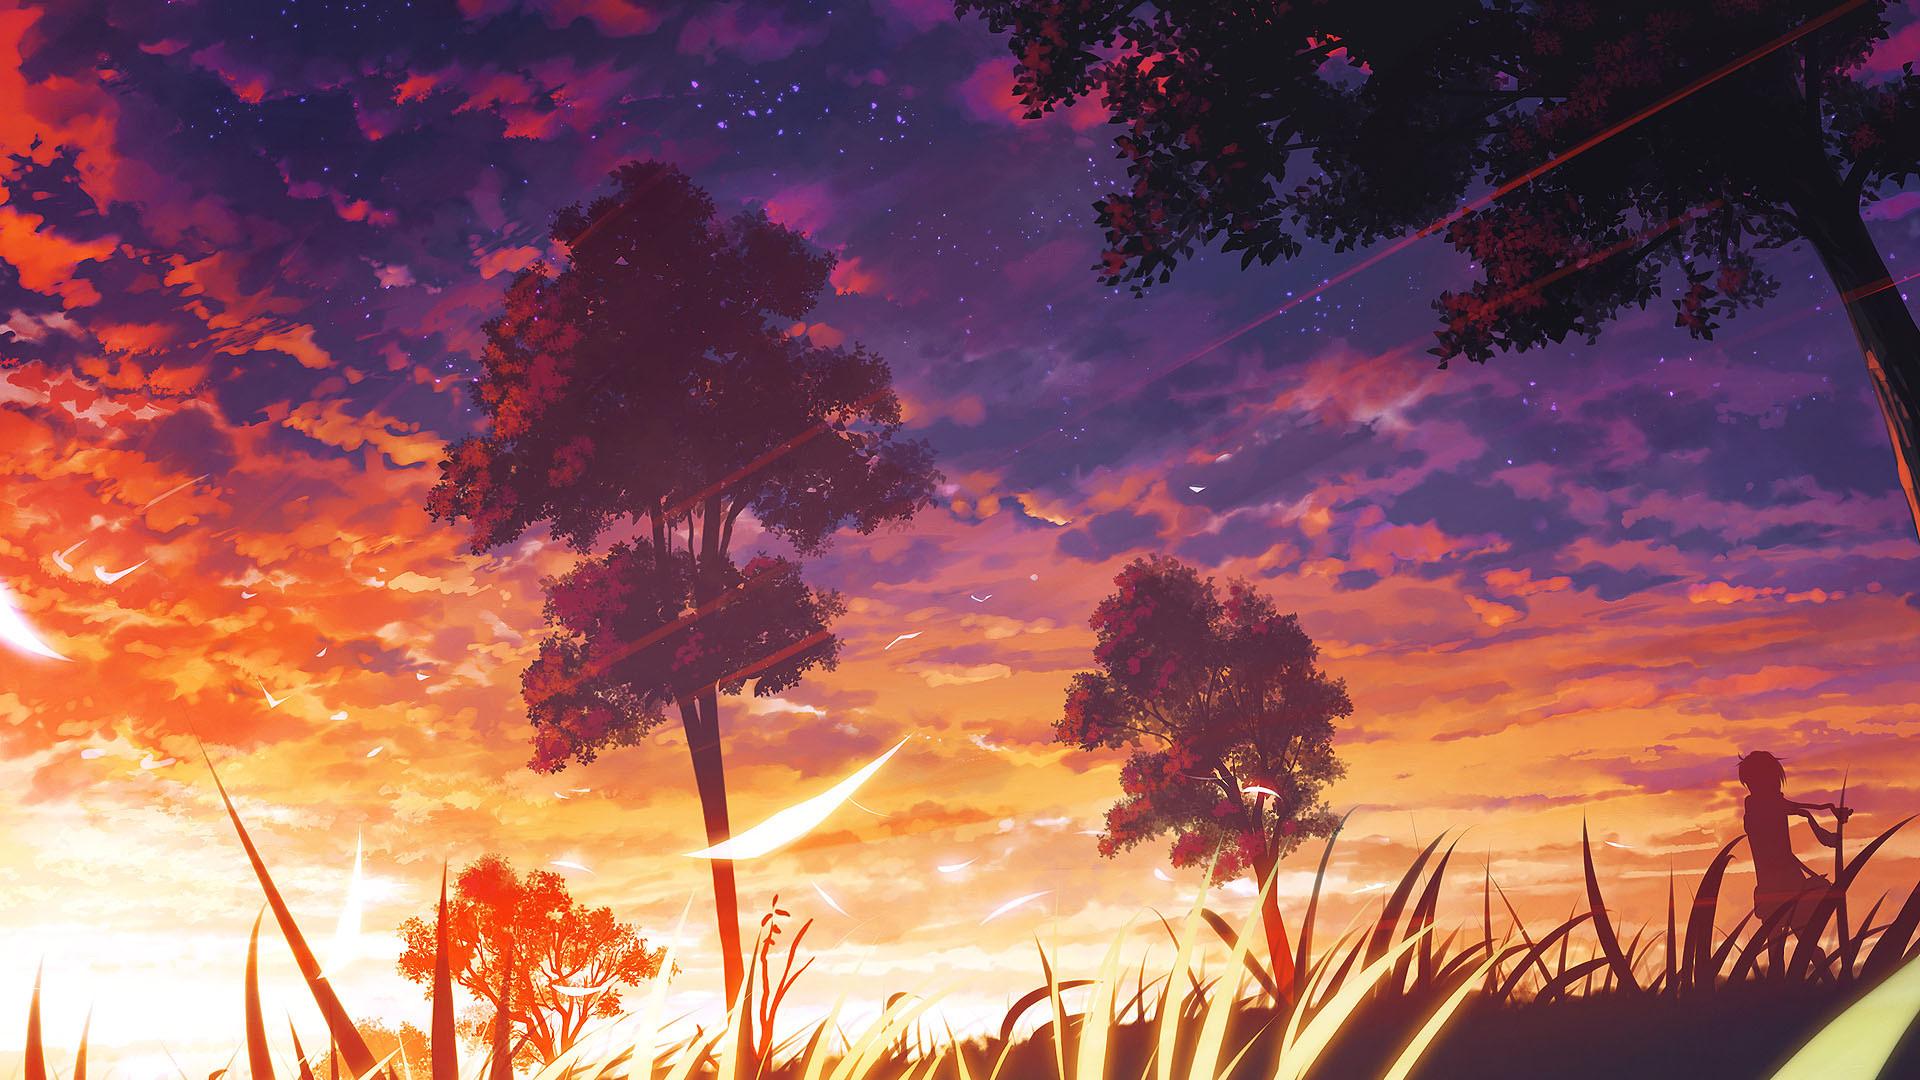 Anime Wallpaper Tumblr Wallpapersafari